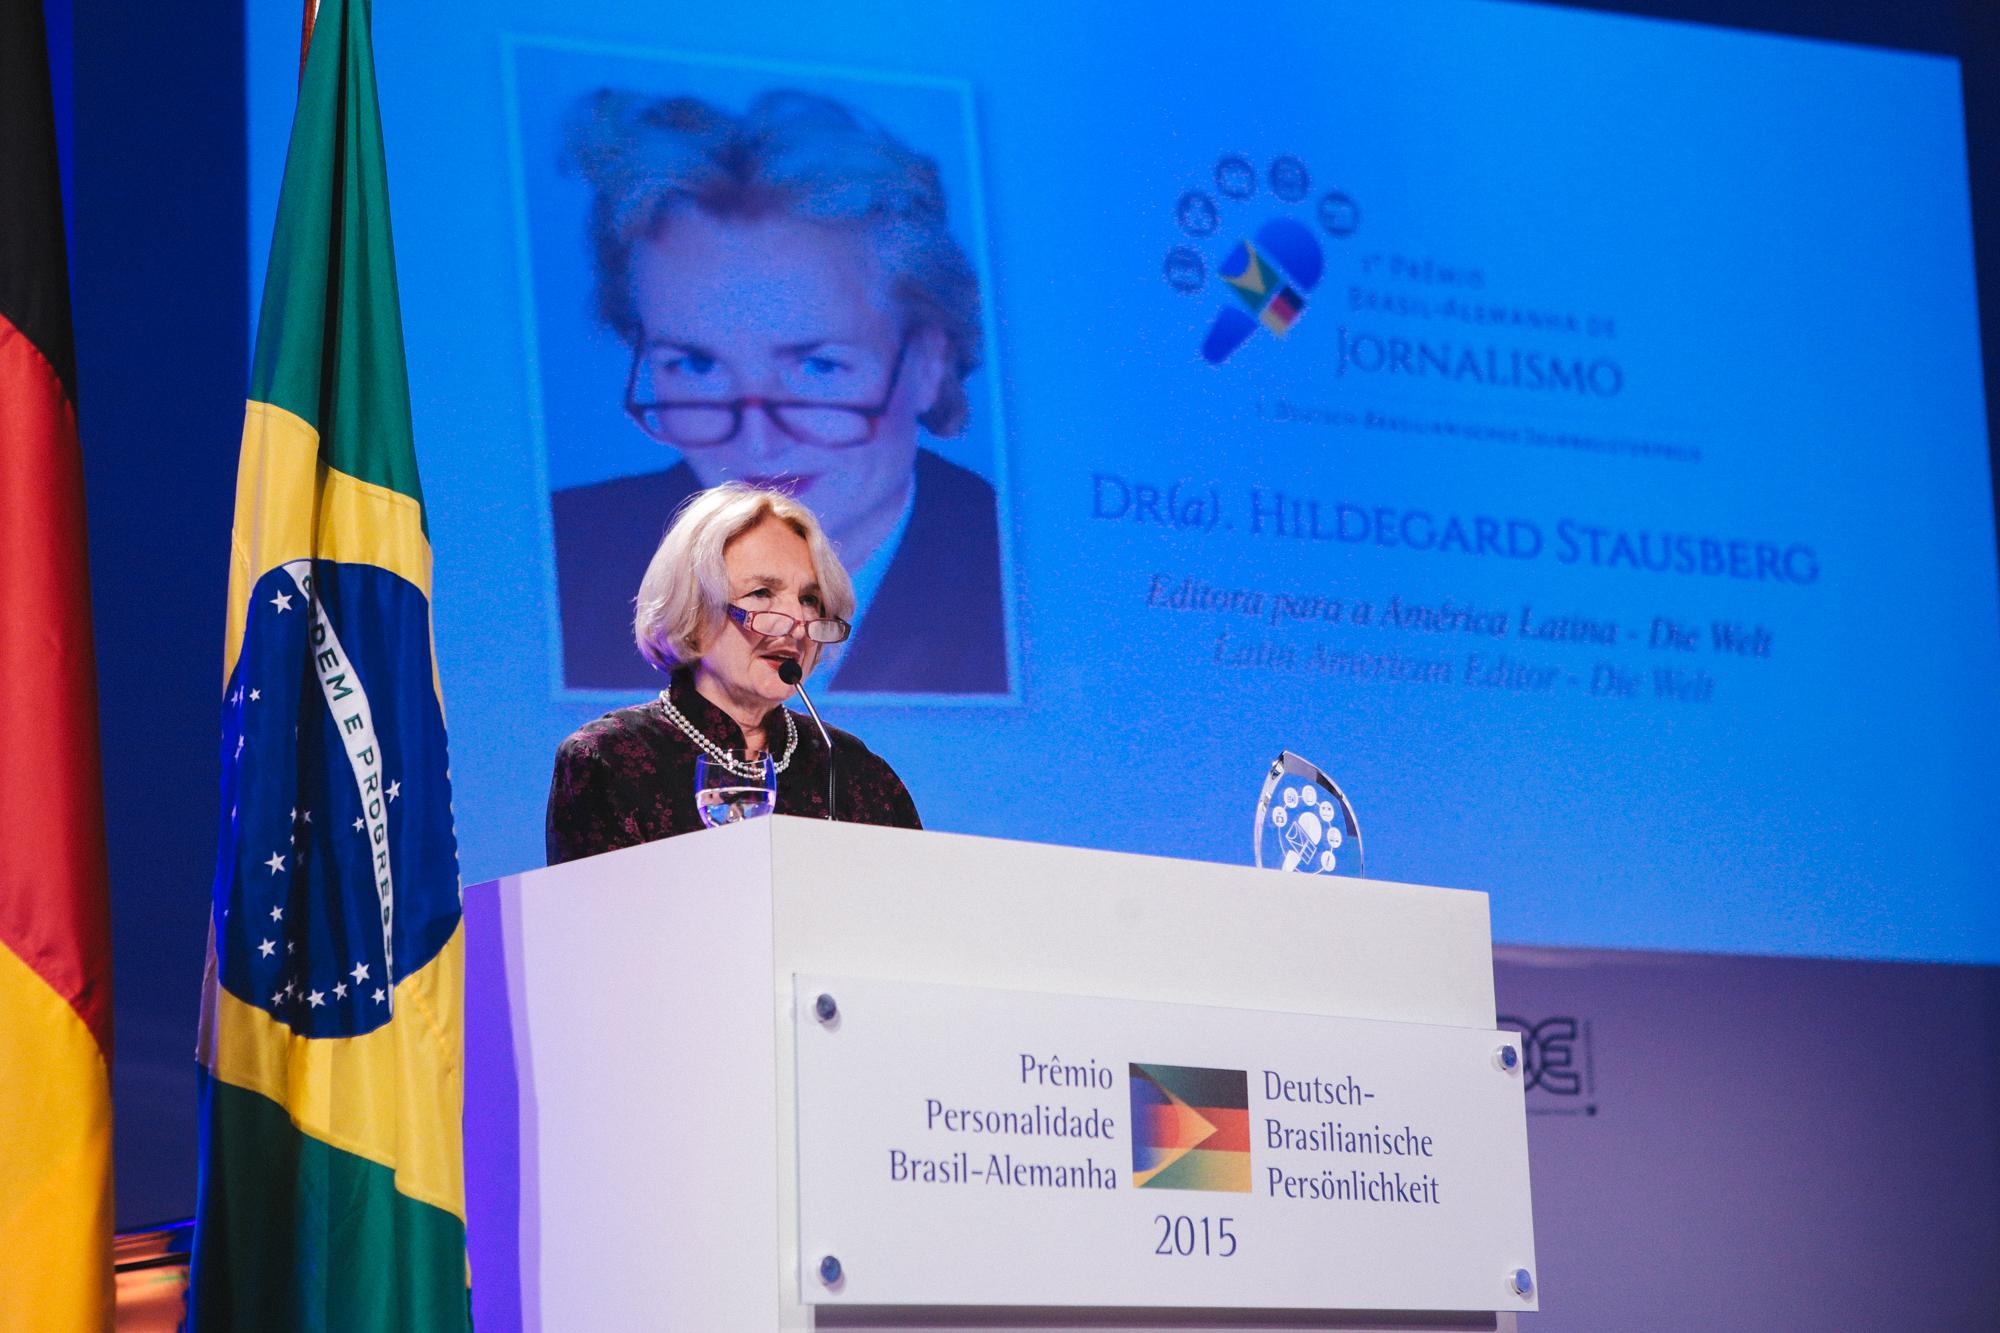 http://www.rio-cologne.de/wp-content/uploads/2016/09/Dt_brasil_Journalistenpreis2015_10.jpg